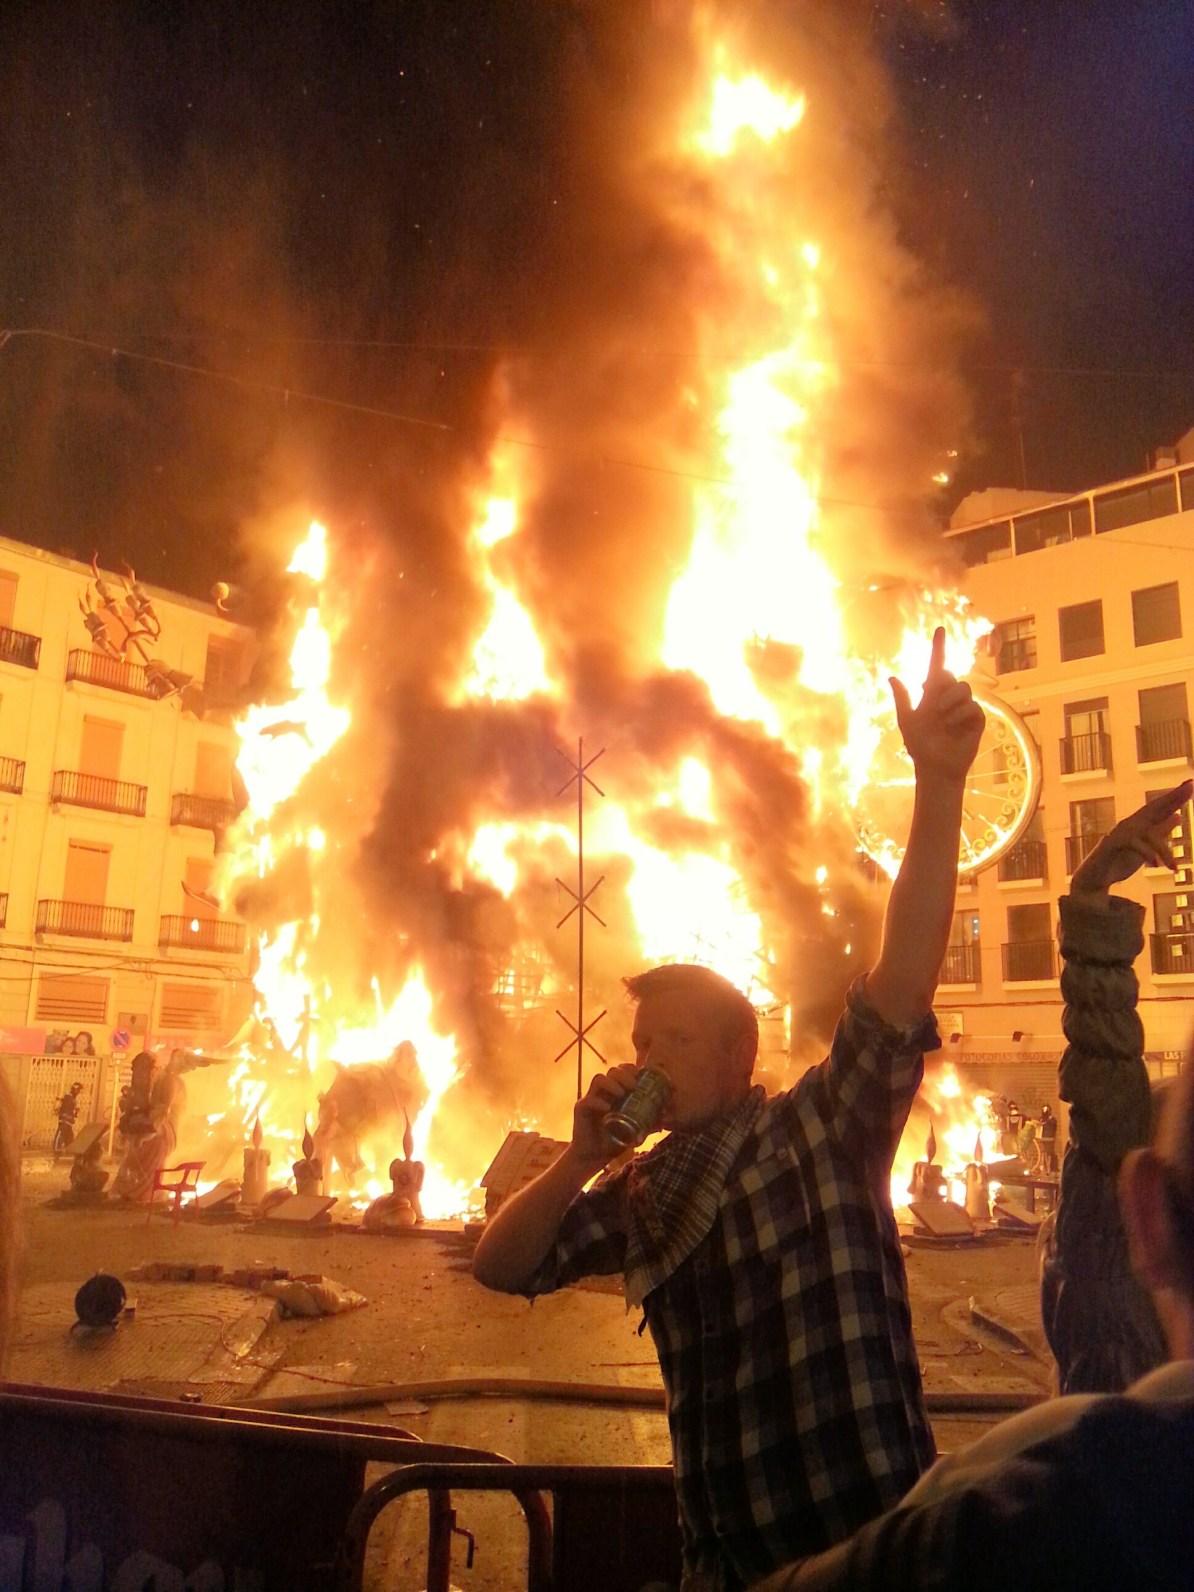 Celebrating Las Fallas in Valencia.